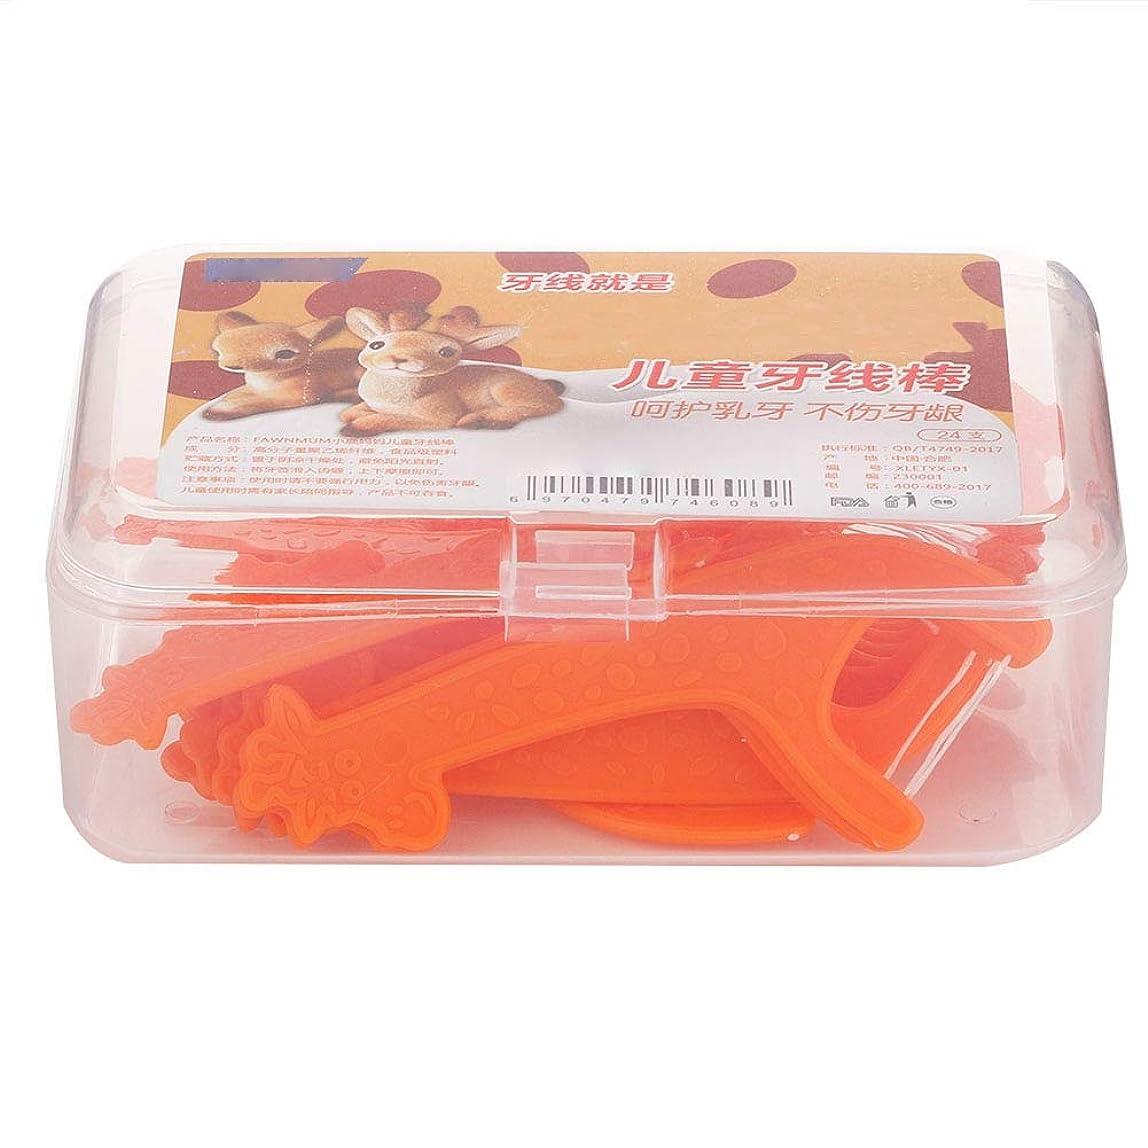 そよ風単調なフィドルデンタルフロス、子供デンタルフロスつまようじ使い捨て歯スティック子供のための歯のクリーナー歯のケアツール(24個/箱)